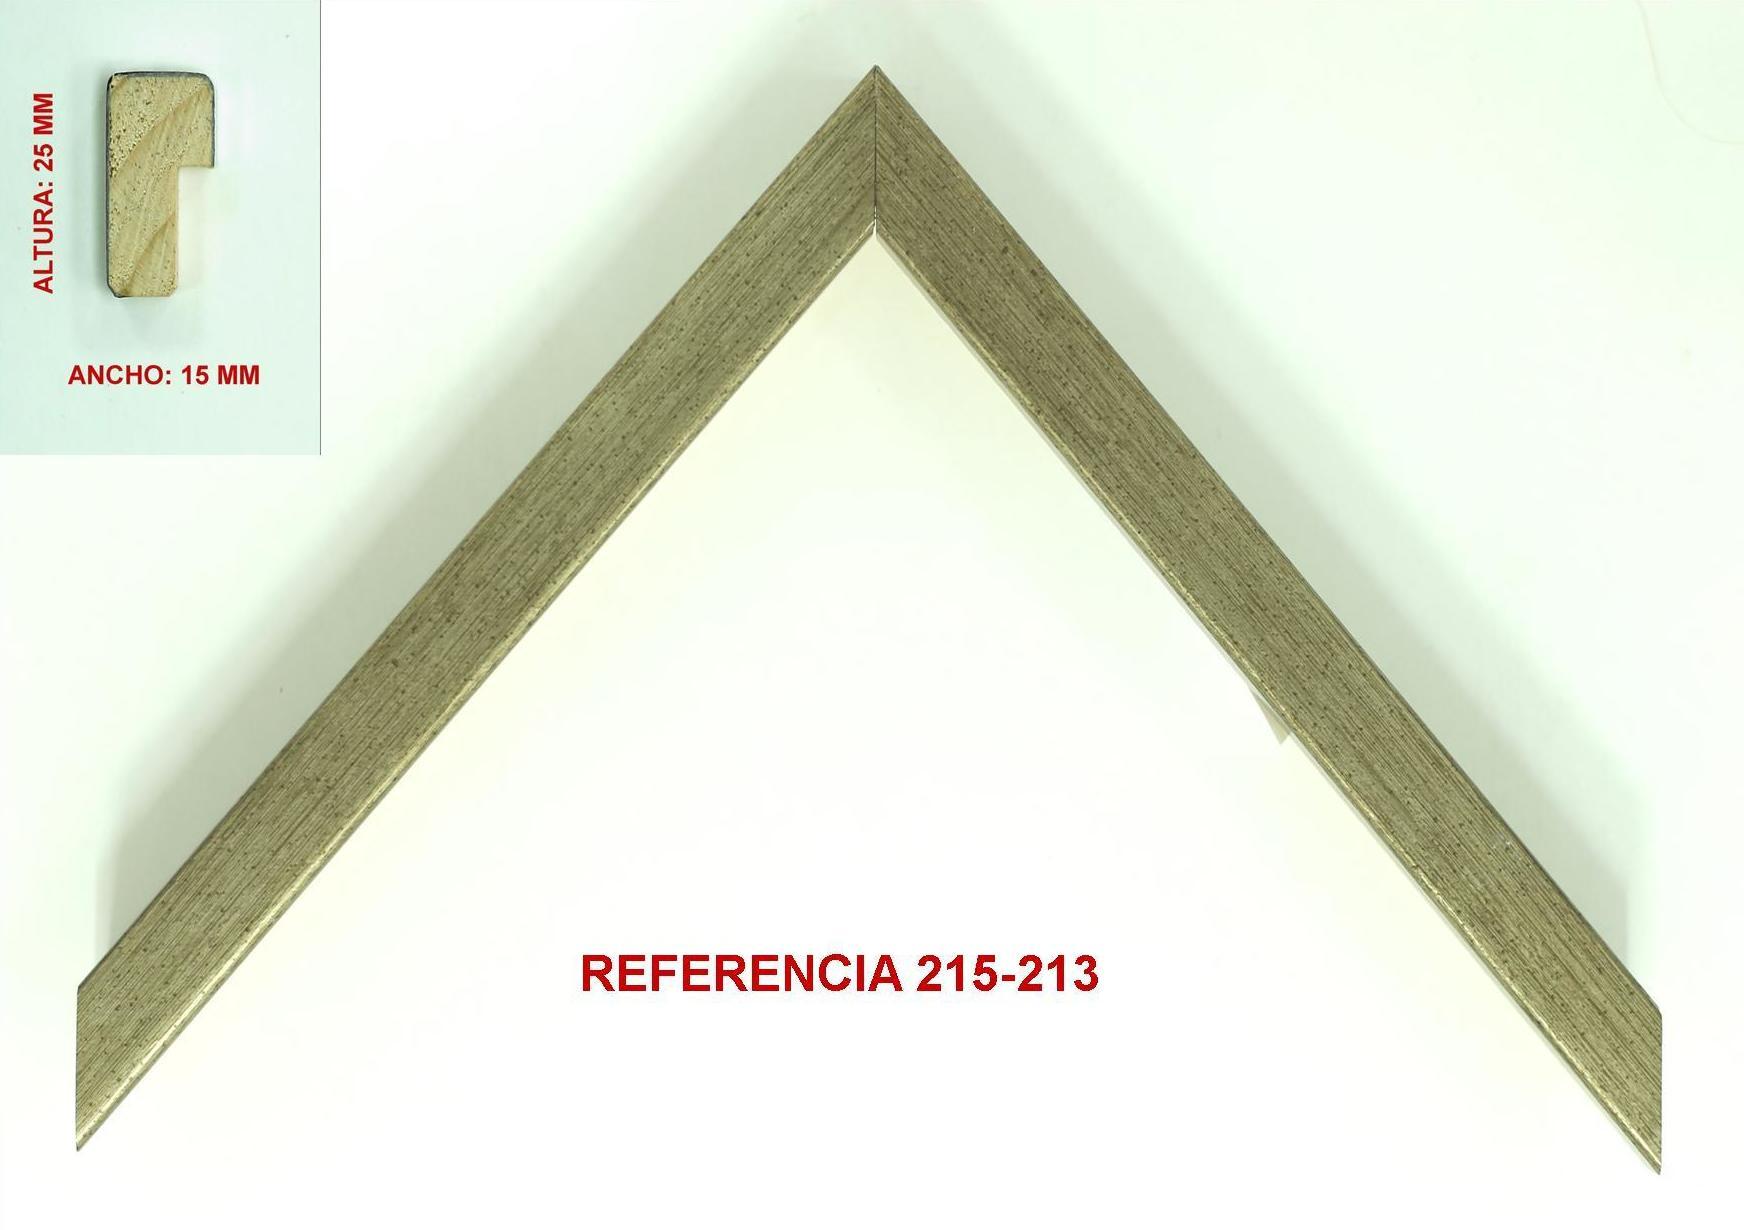 REF 215-213: Muestrario de Moldusevilla